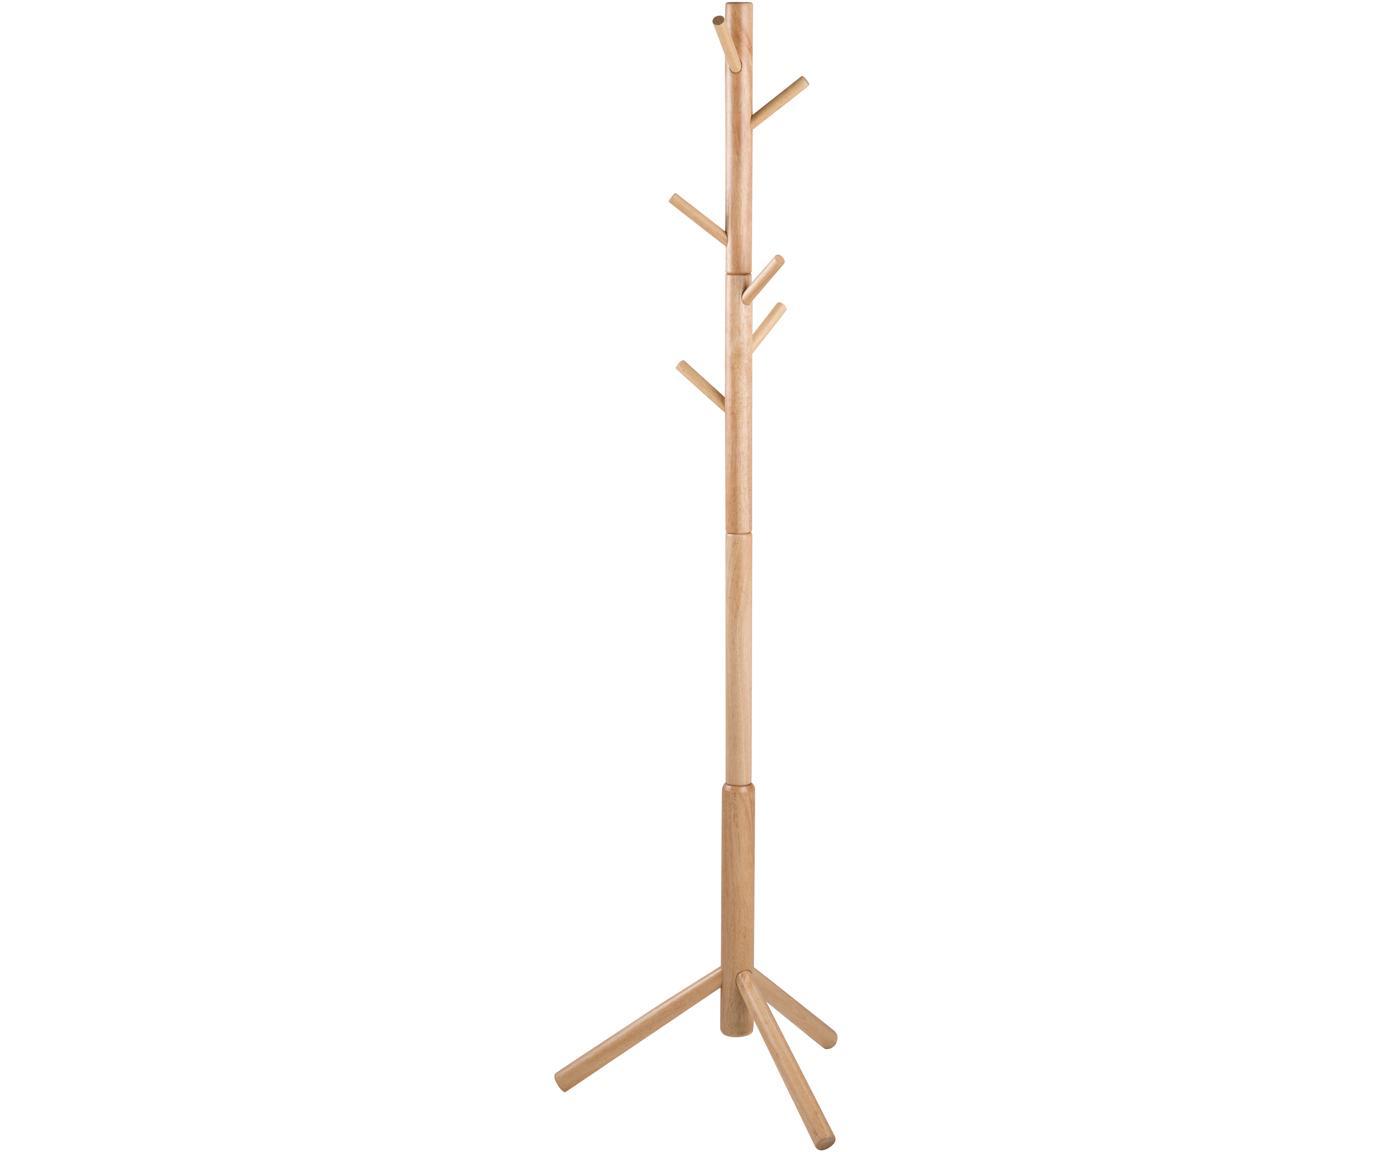 Kapstok Bremen van hout met 6 haken, Rubberhout, Rubberhoutkleurig, 51 x 176 cm